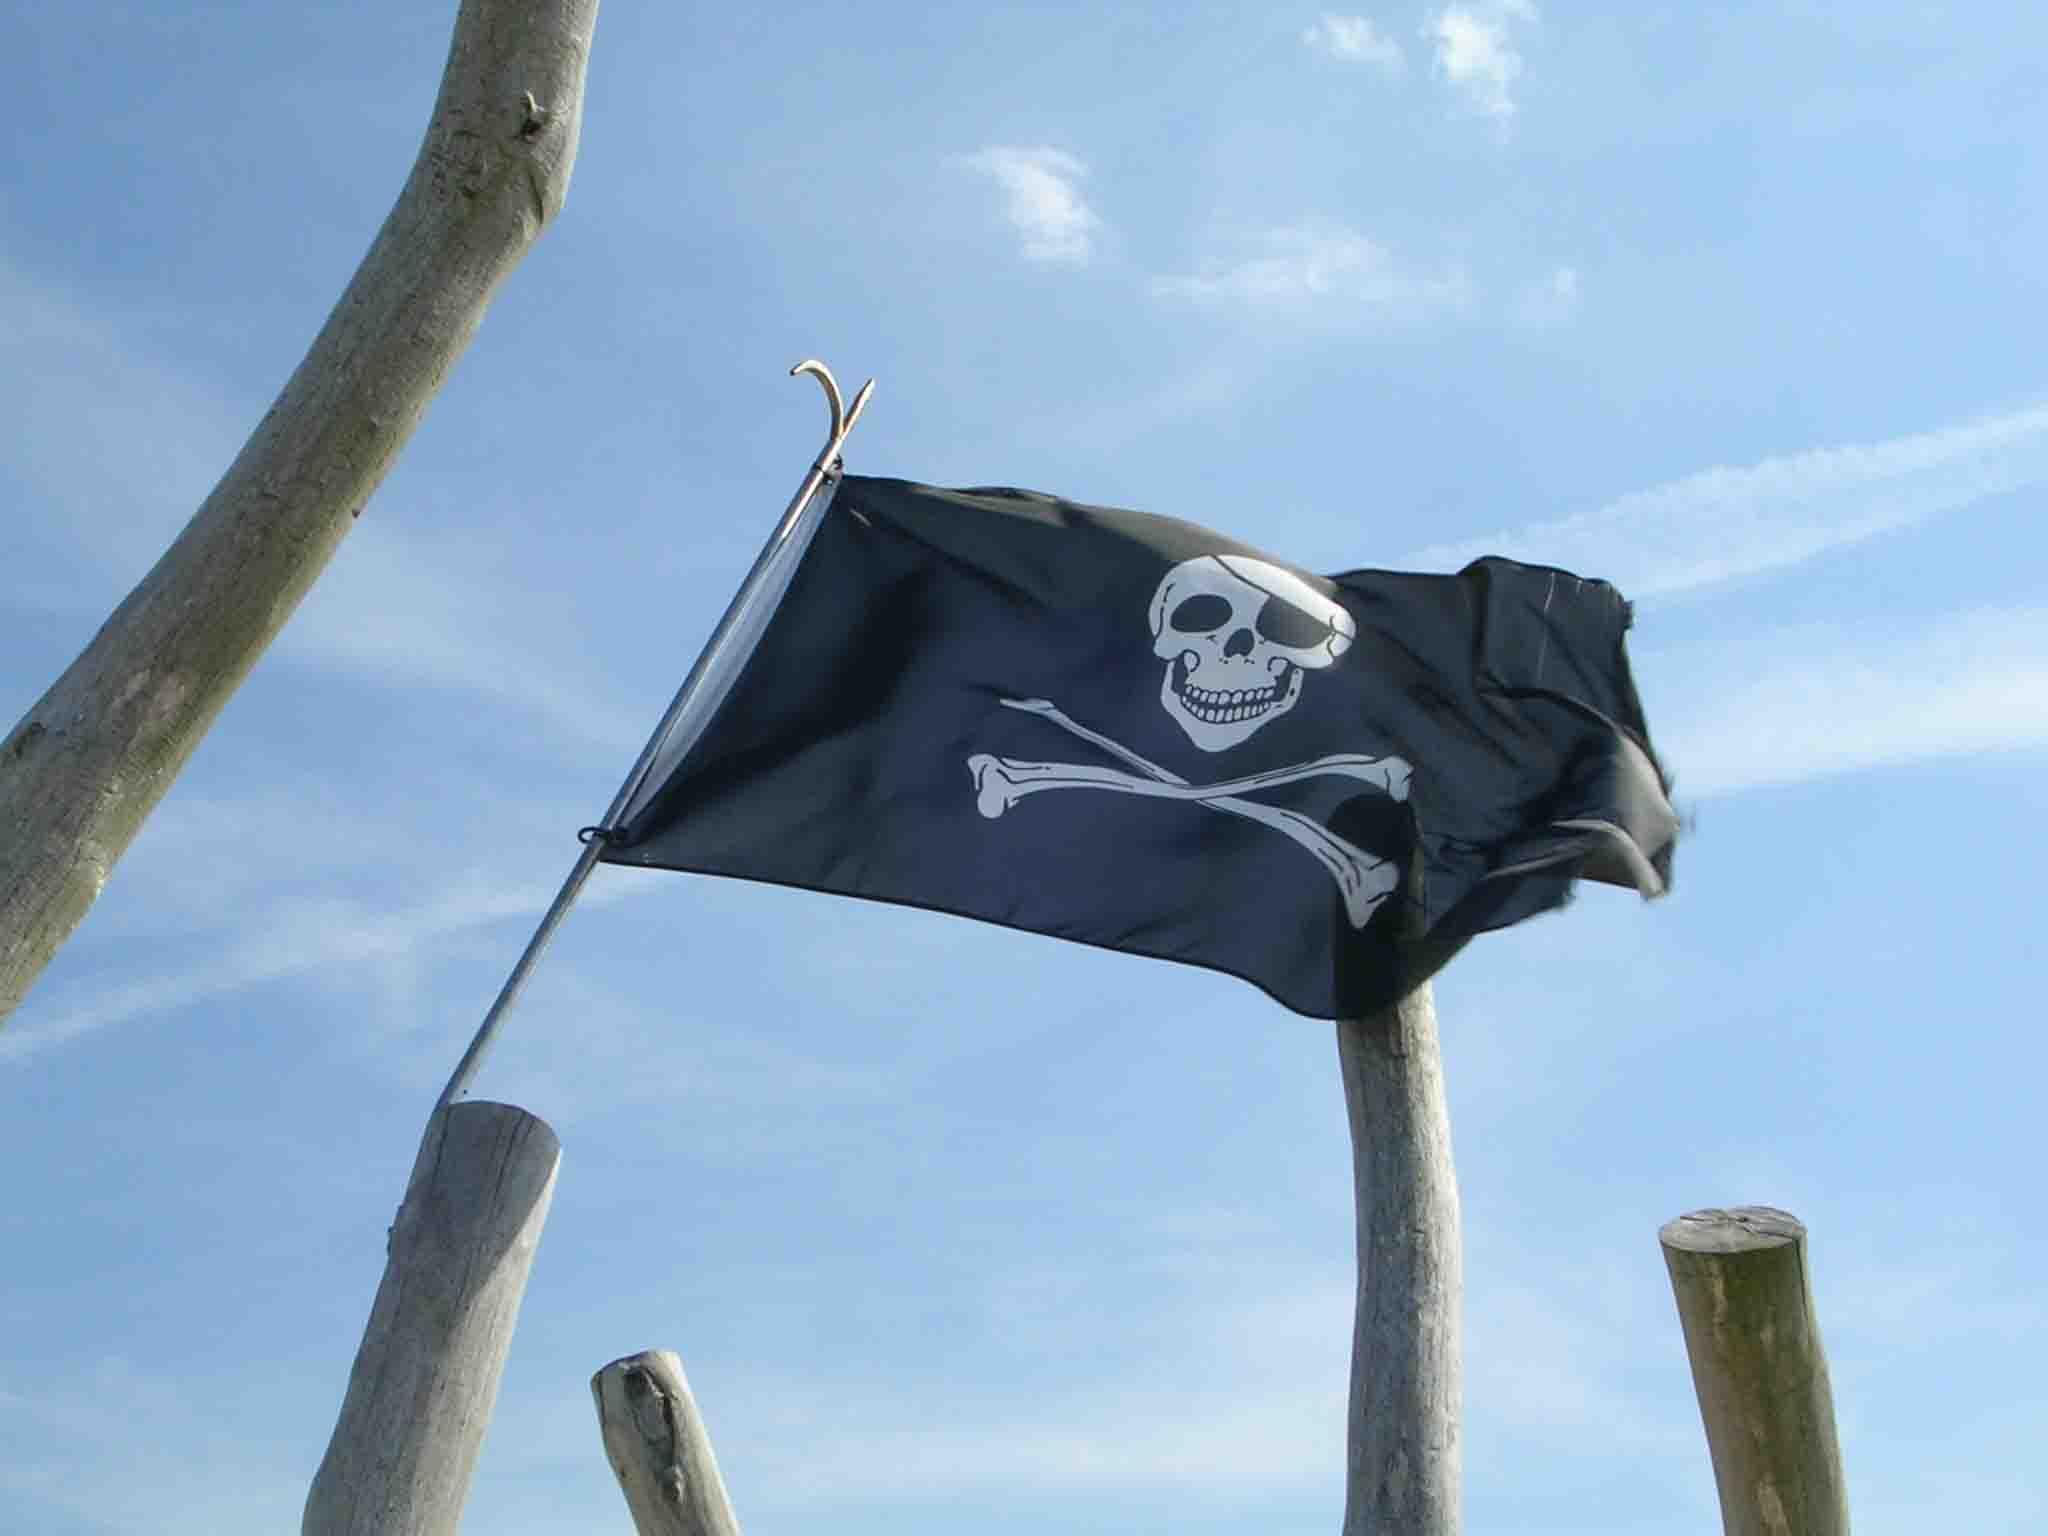 Piraten sind schon da....